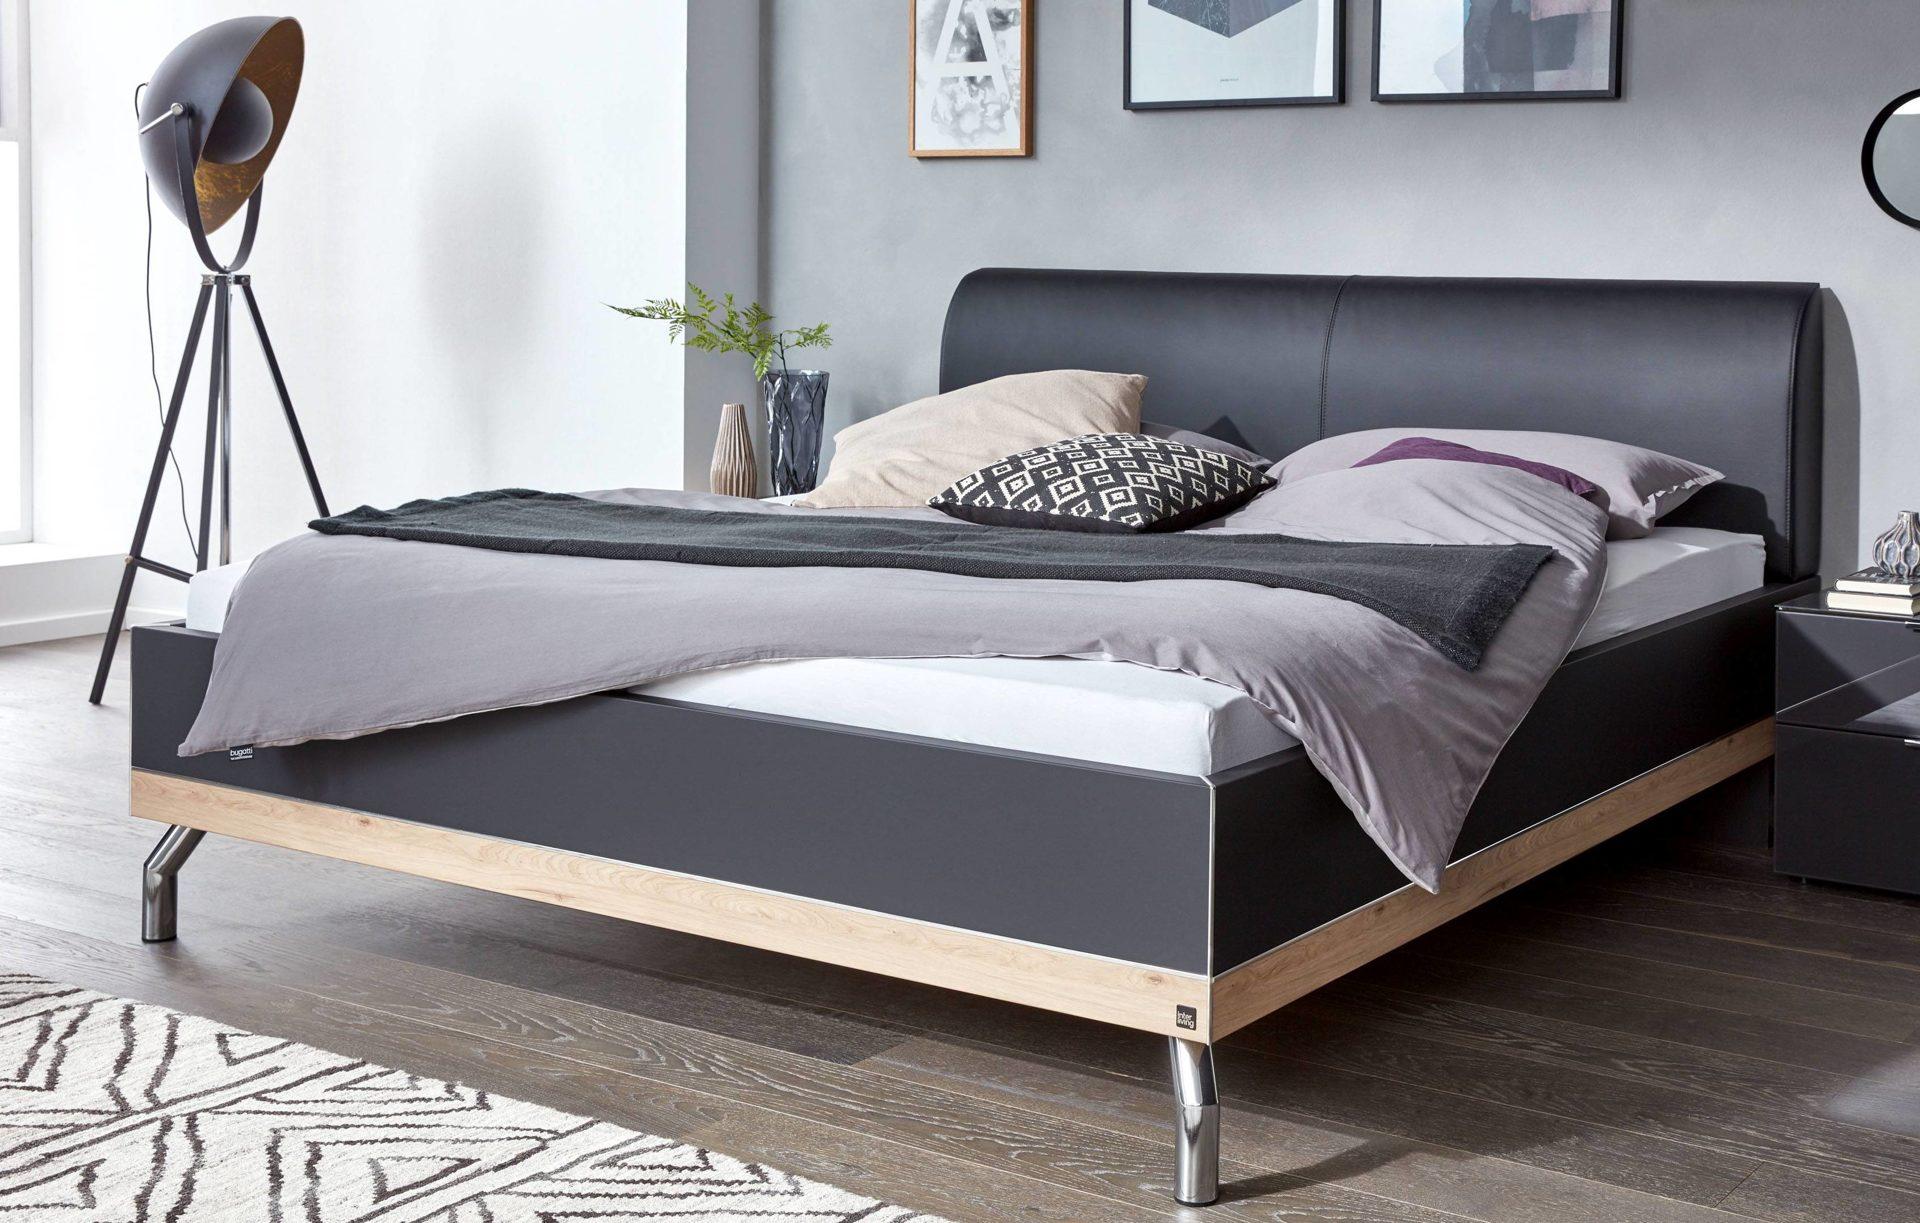 Interliving Schlafzimmer Serie 1010 – Doppelbettgestell, basaltfarbene &  Jackson eichefarbene Kunststoffoberflächen, basaltfa